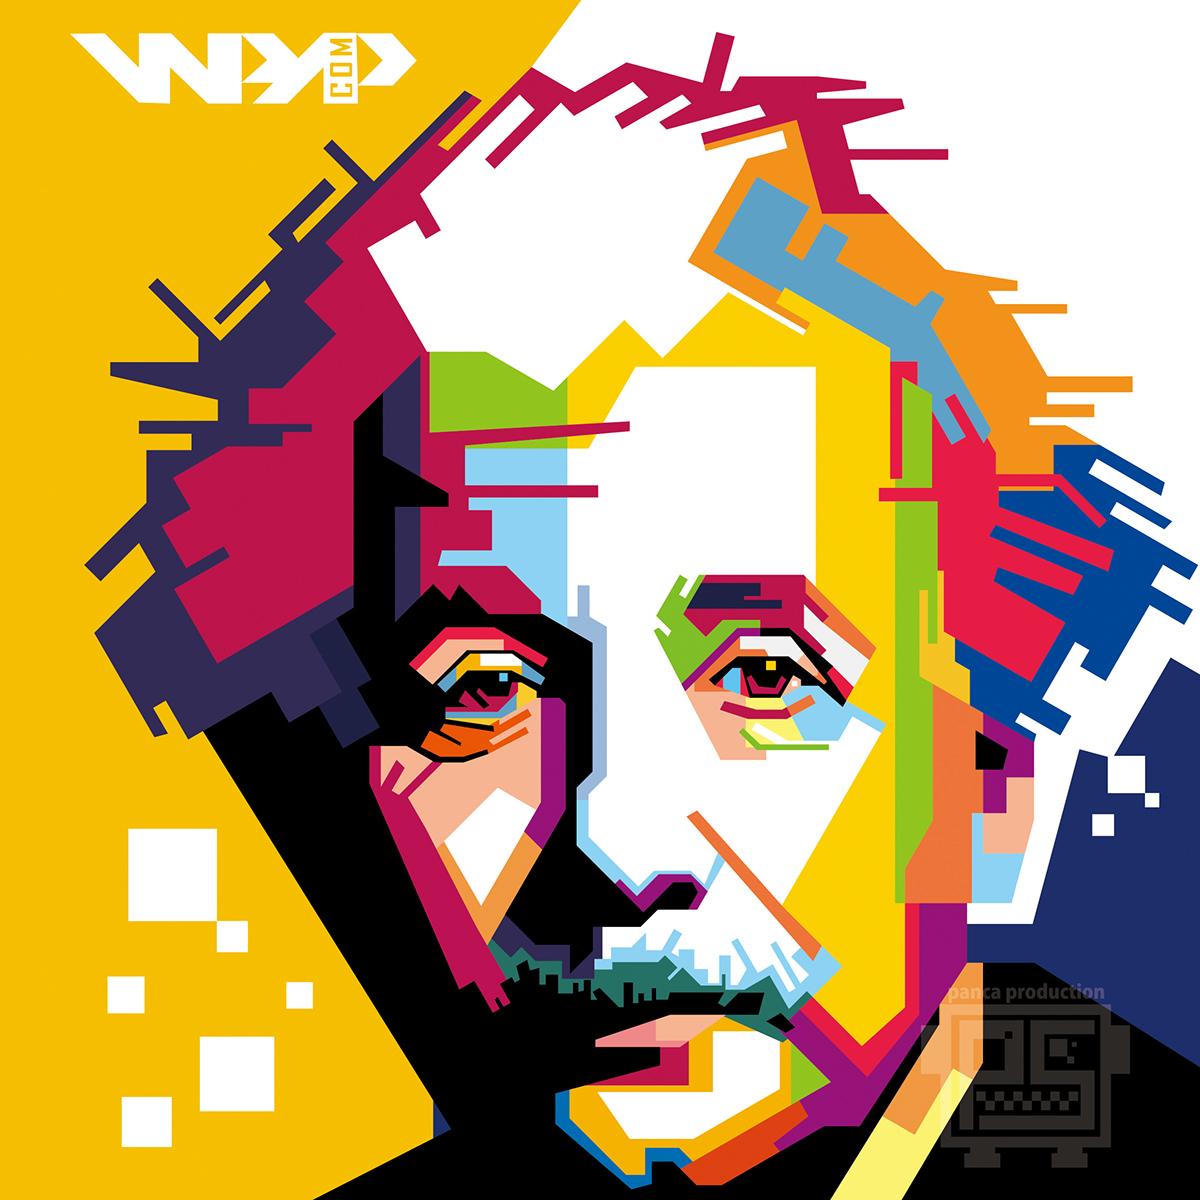 Pop Art Poster Design